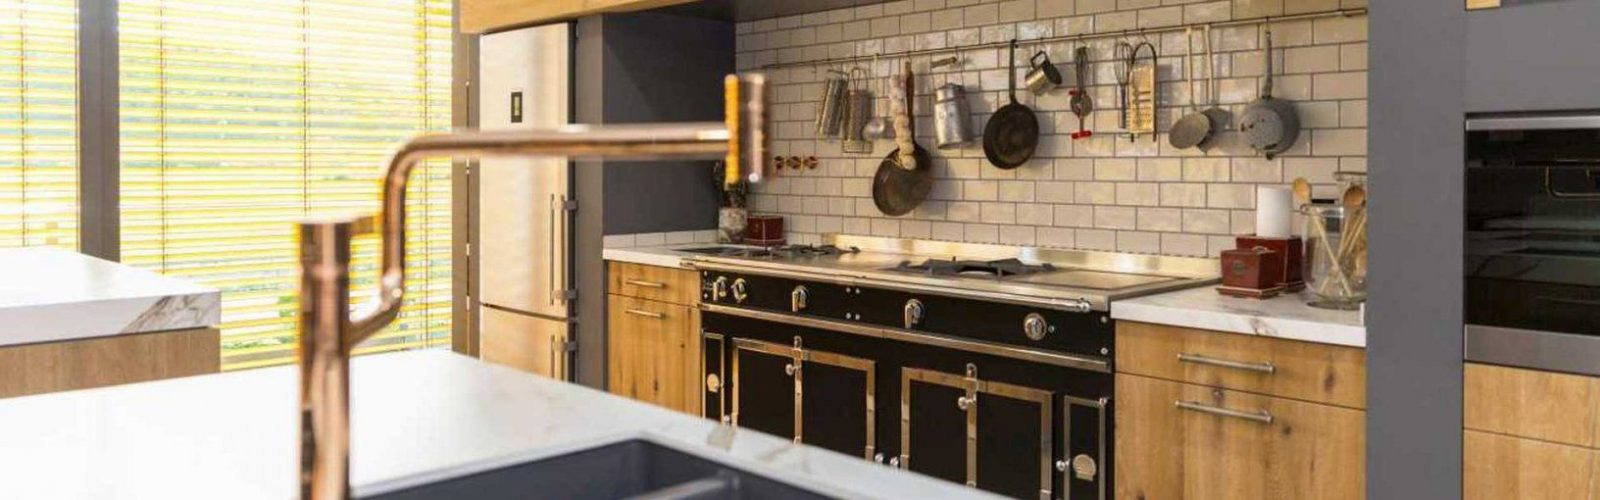 Küchen Kaufen Direkt Vom Hersteller  Küchen Ab Werk von Küchen Direkt Vom Hersteller Photo